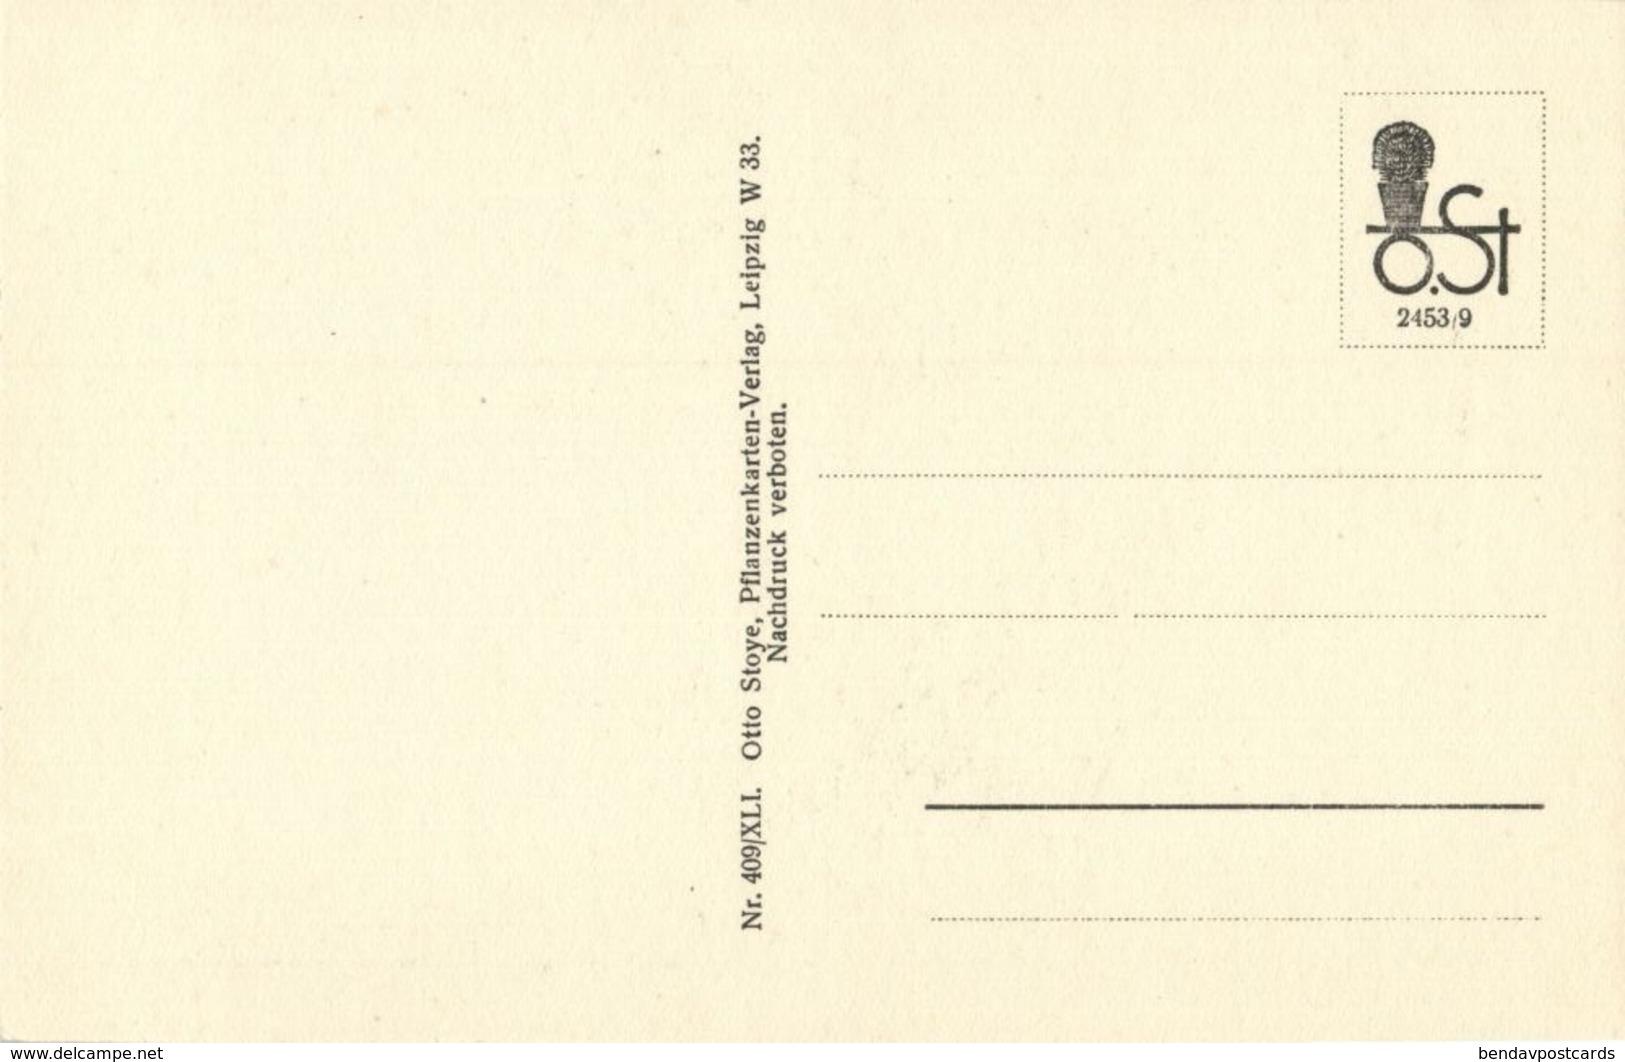 Cactus Cactaceae, Echinocactus Odieri Lem. (1920s) Otto Stoye Postcard - Cactusses